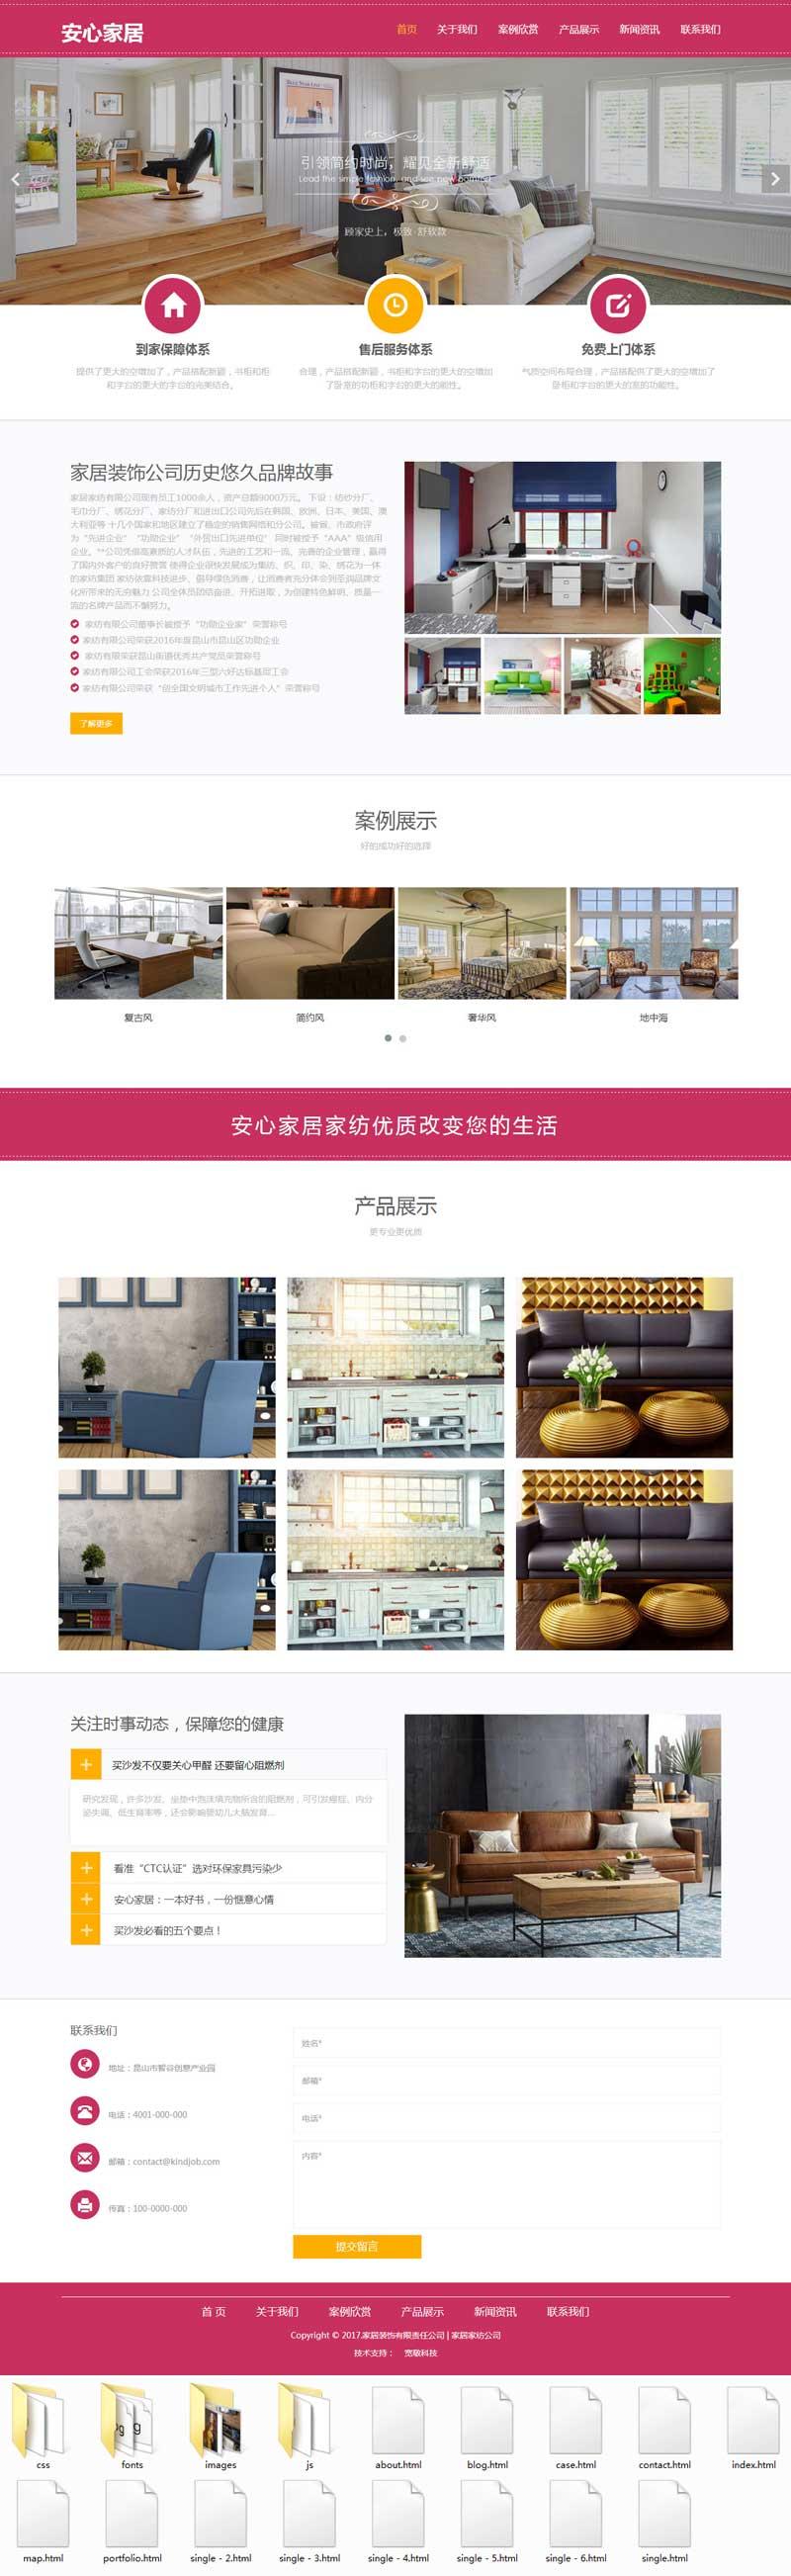 大气安心家居装饰公司网站模板